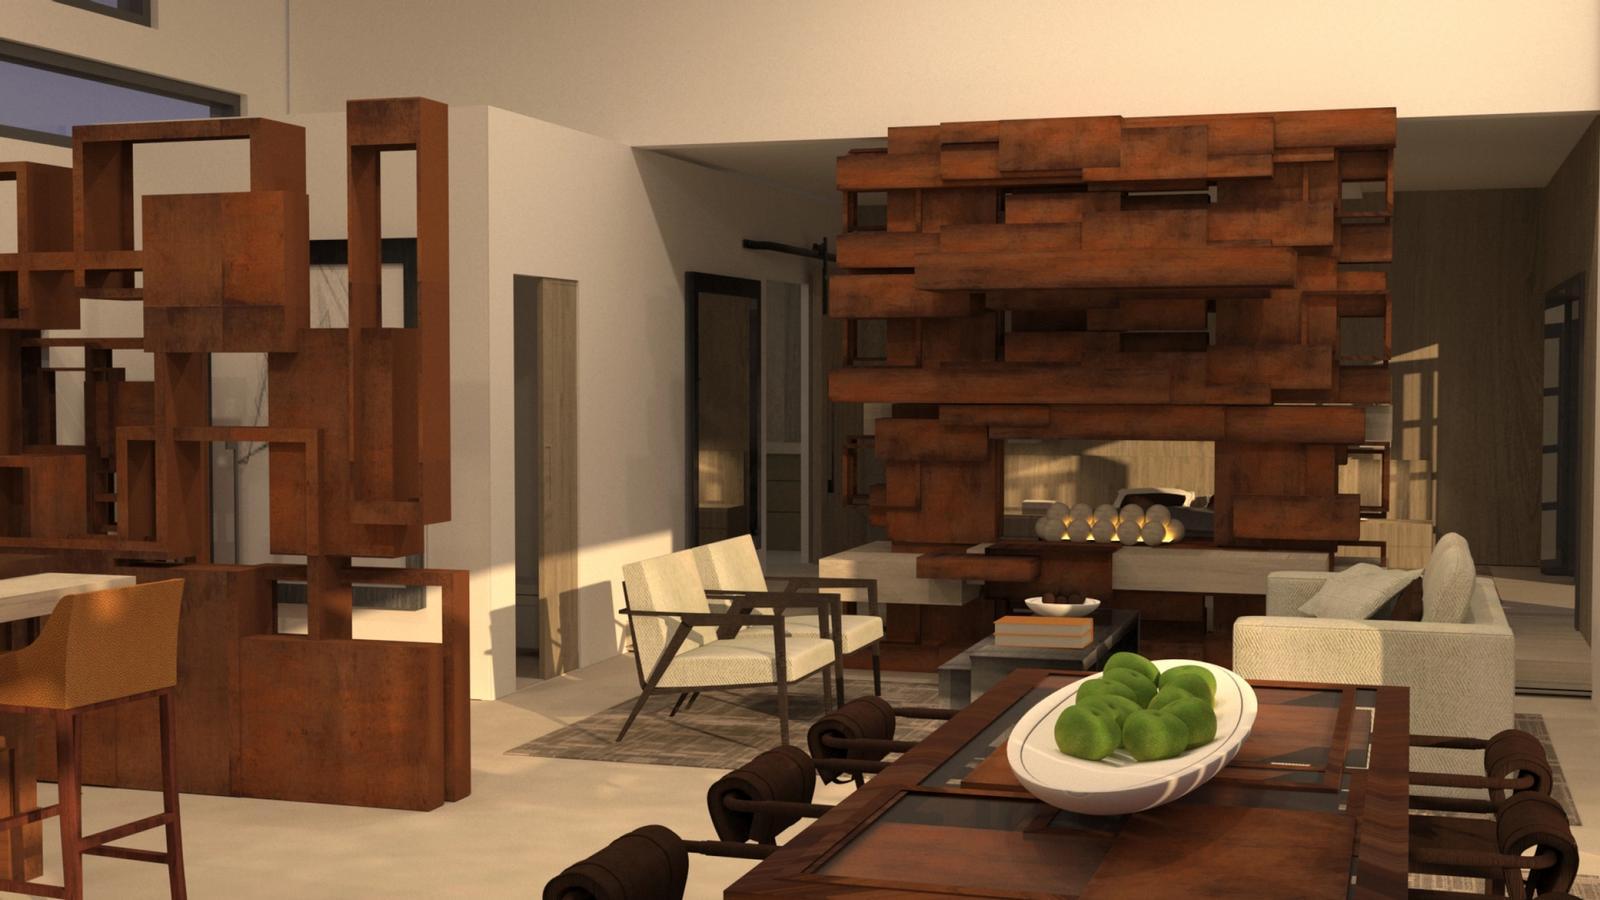 Artist Studio Loft - Living Room Morning Light